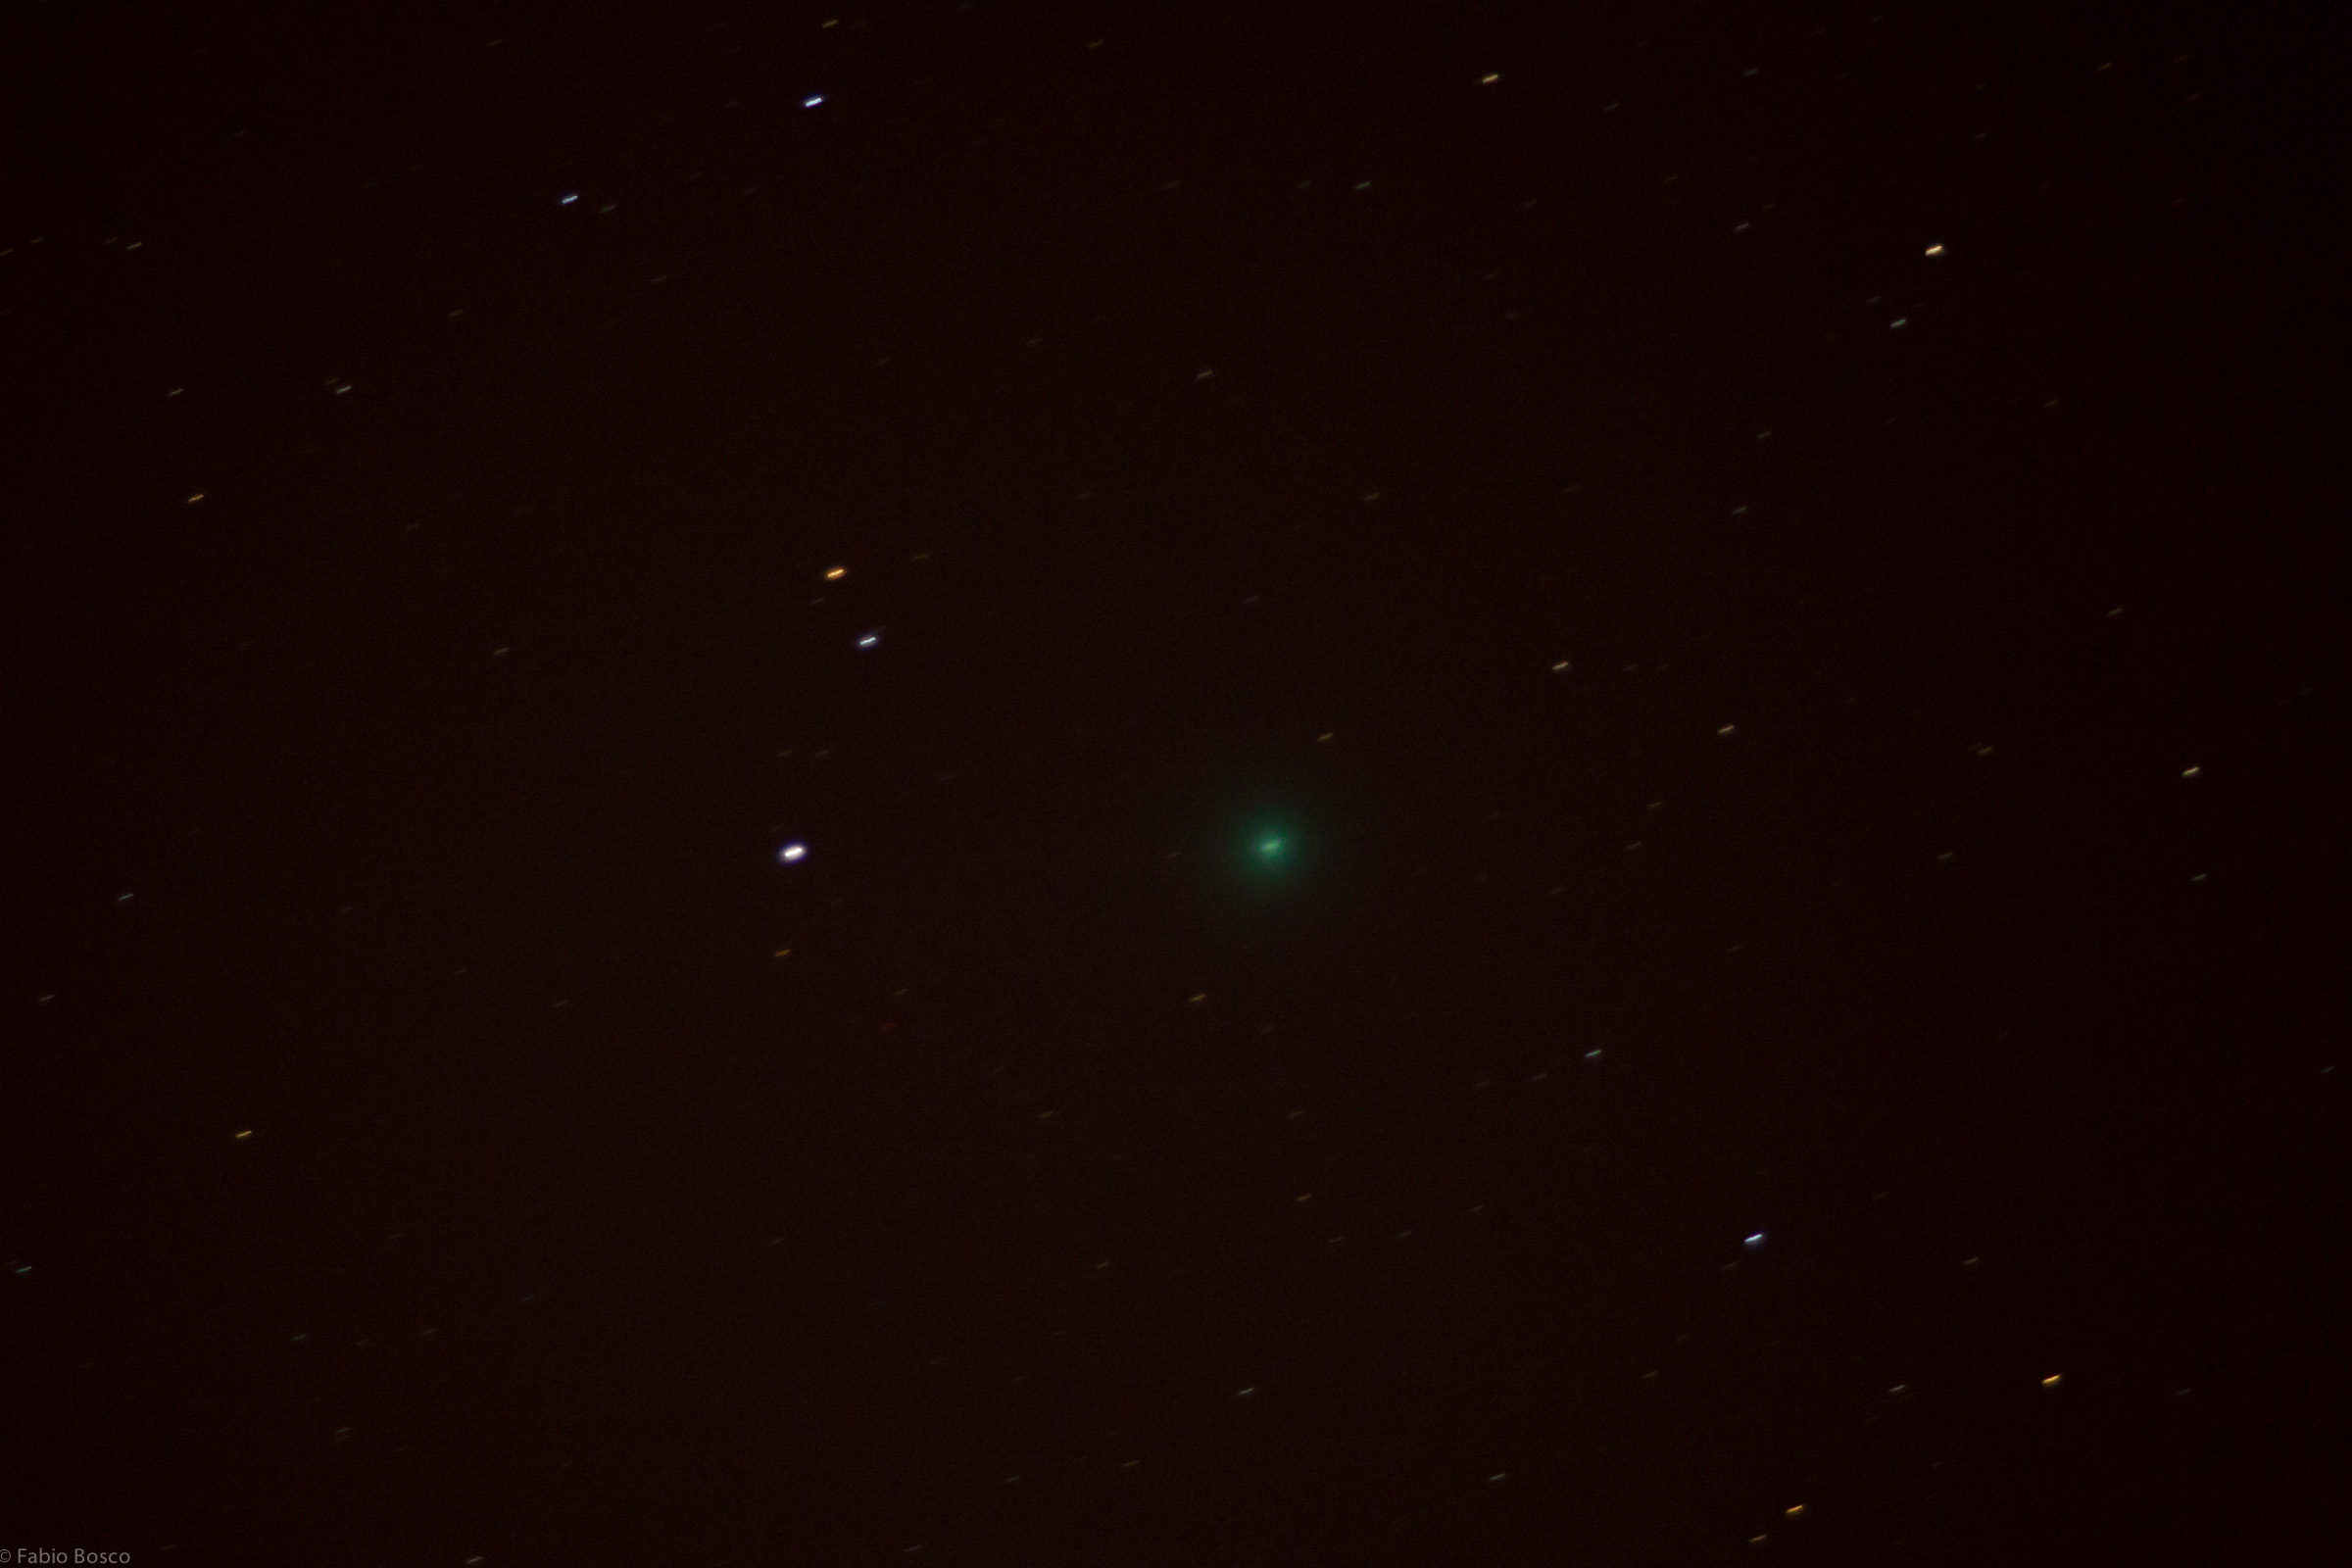 Comet Lovejoy (C/2014 Q2)